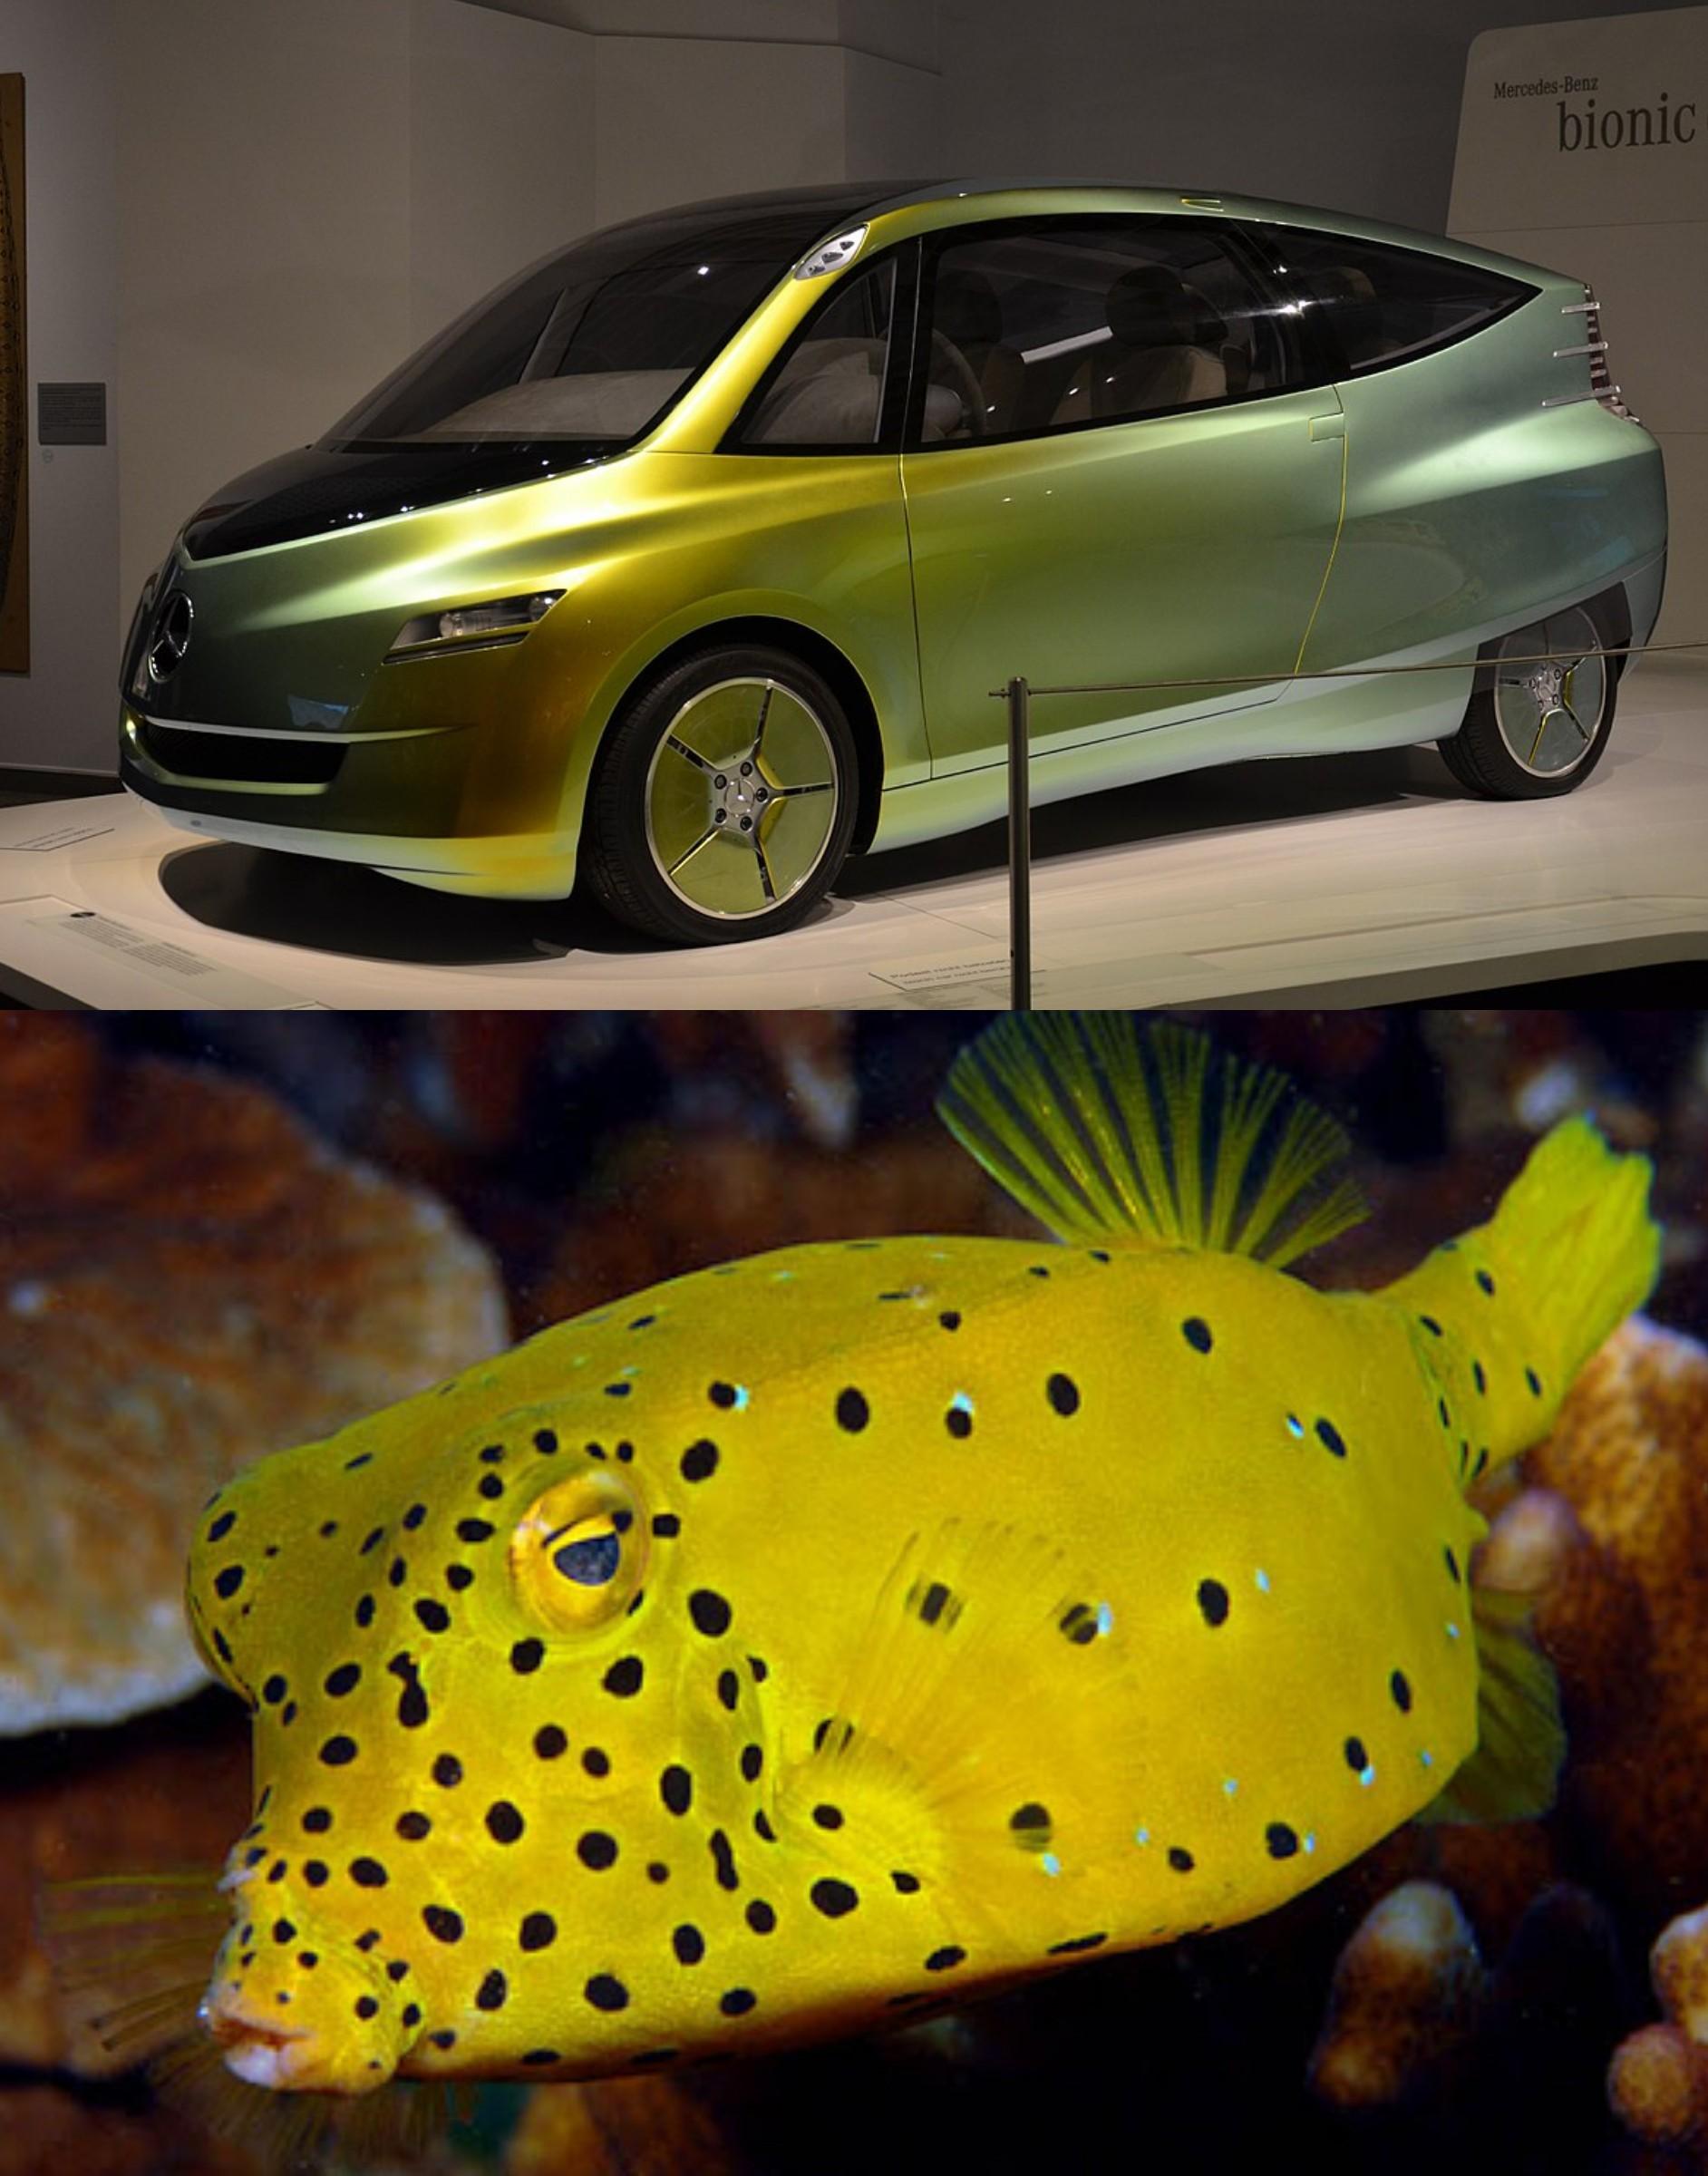 Mercedes Bionic - Pez Cofre